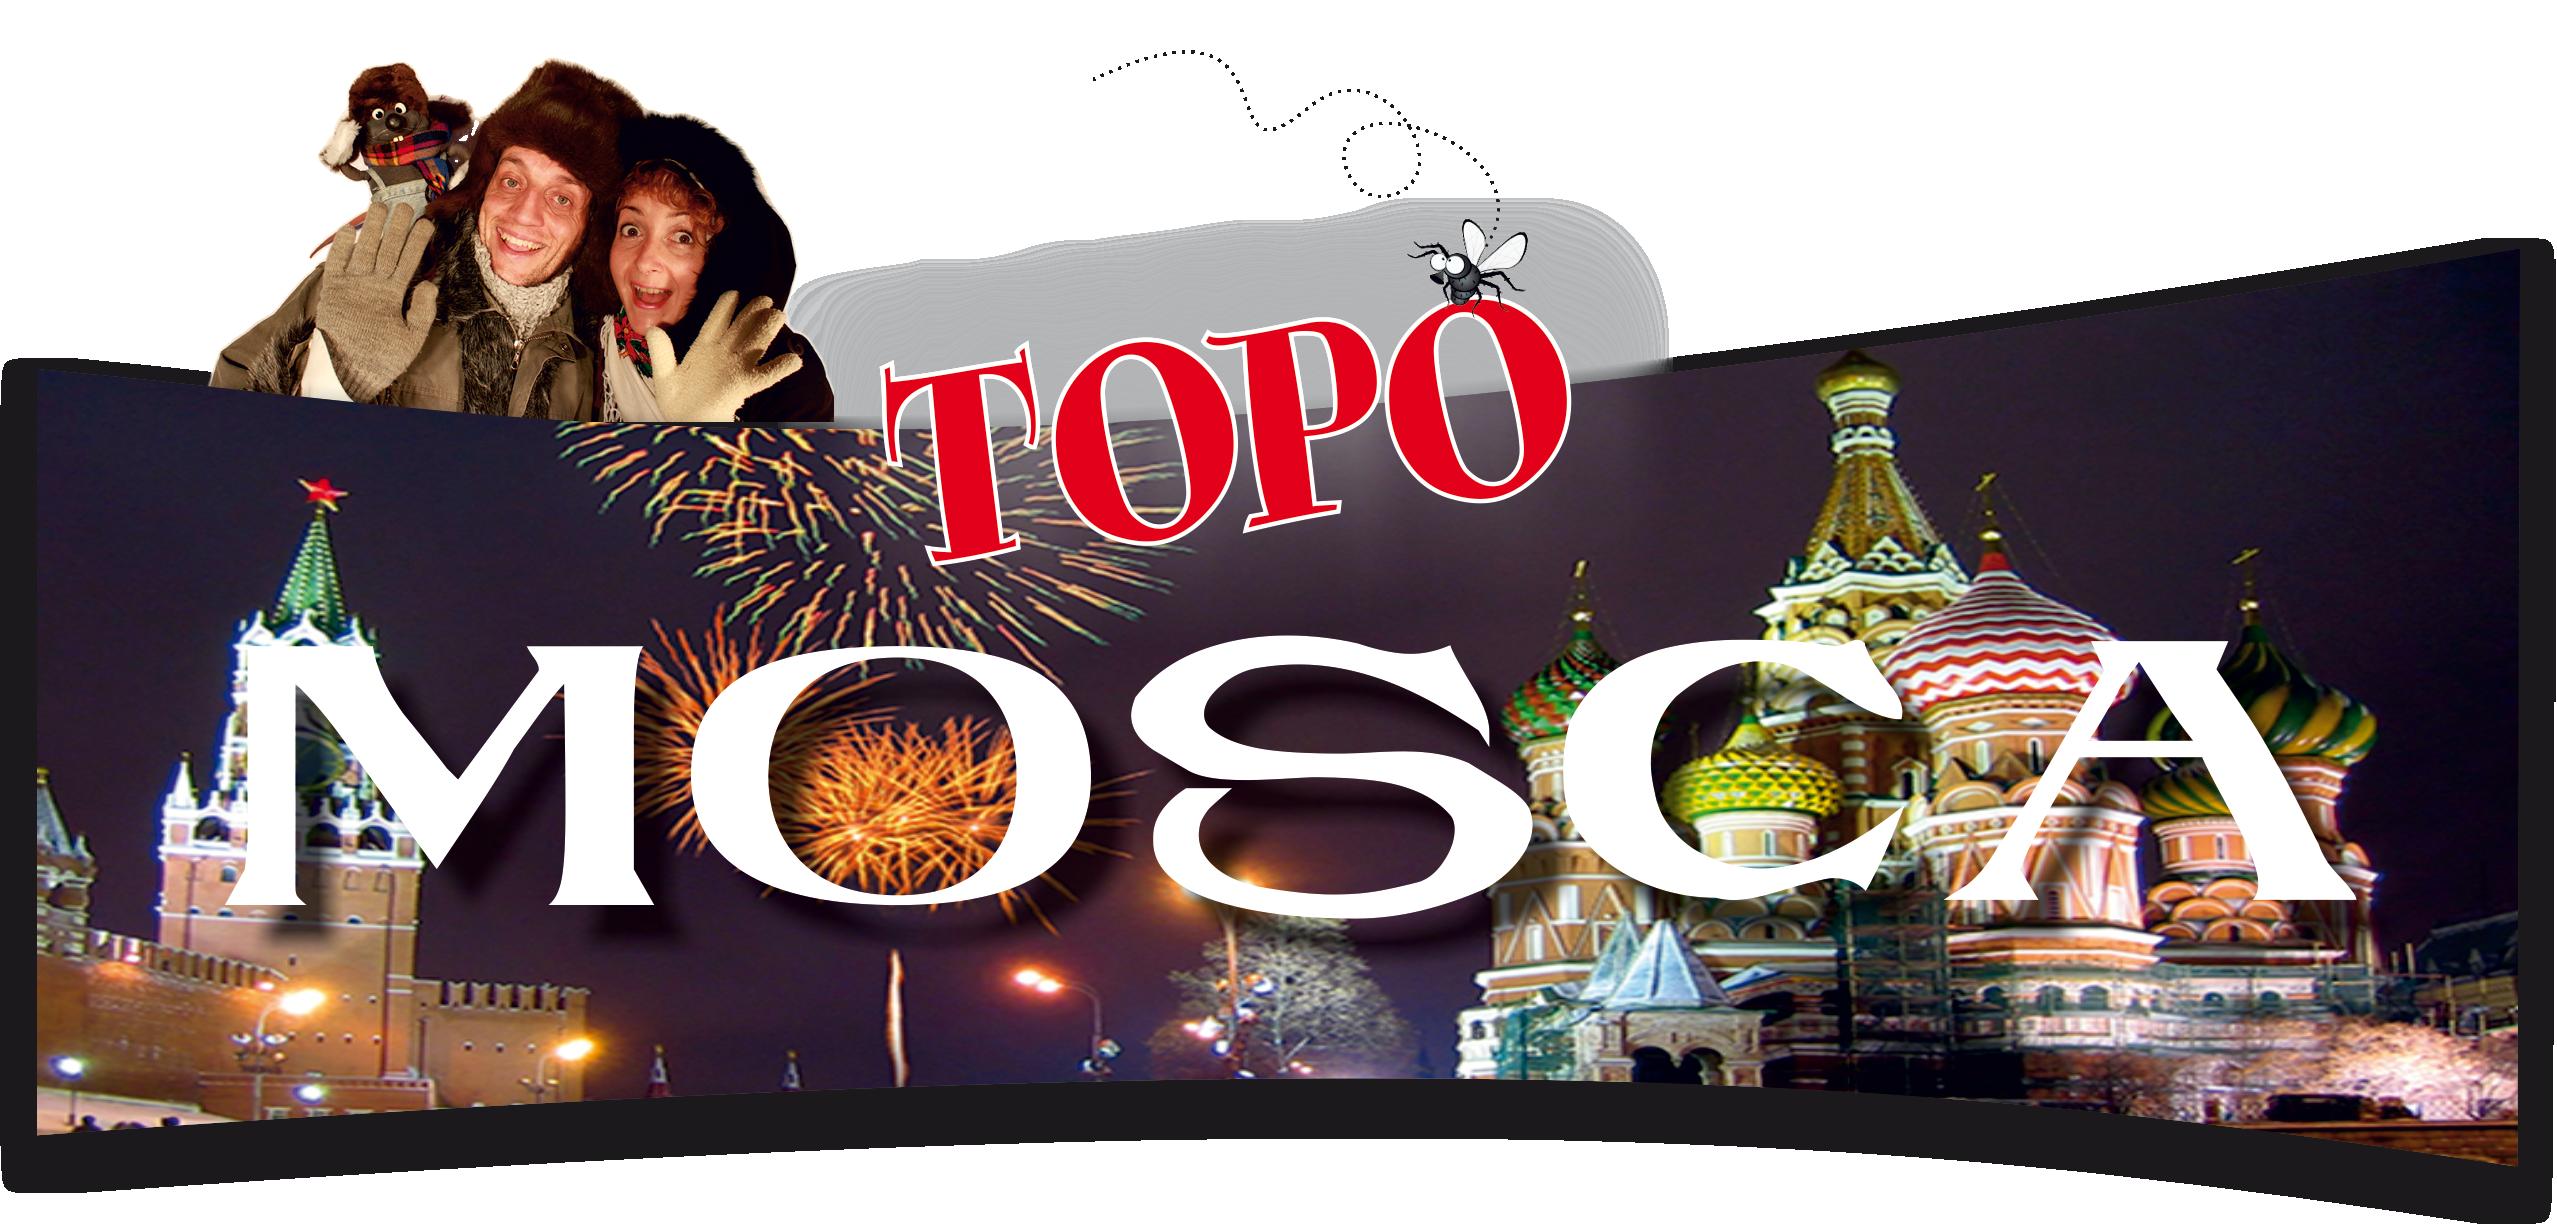 TOPO-MOSCA